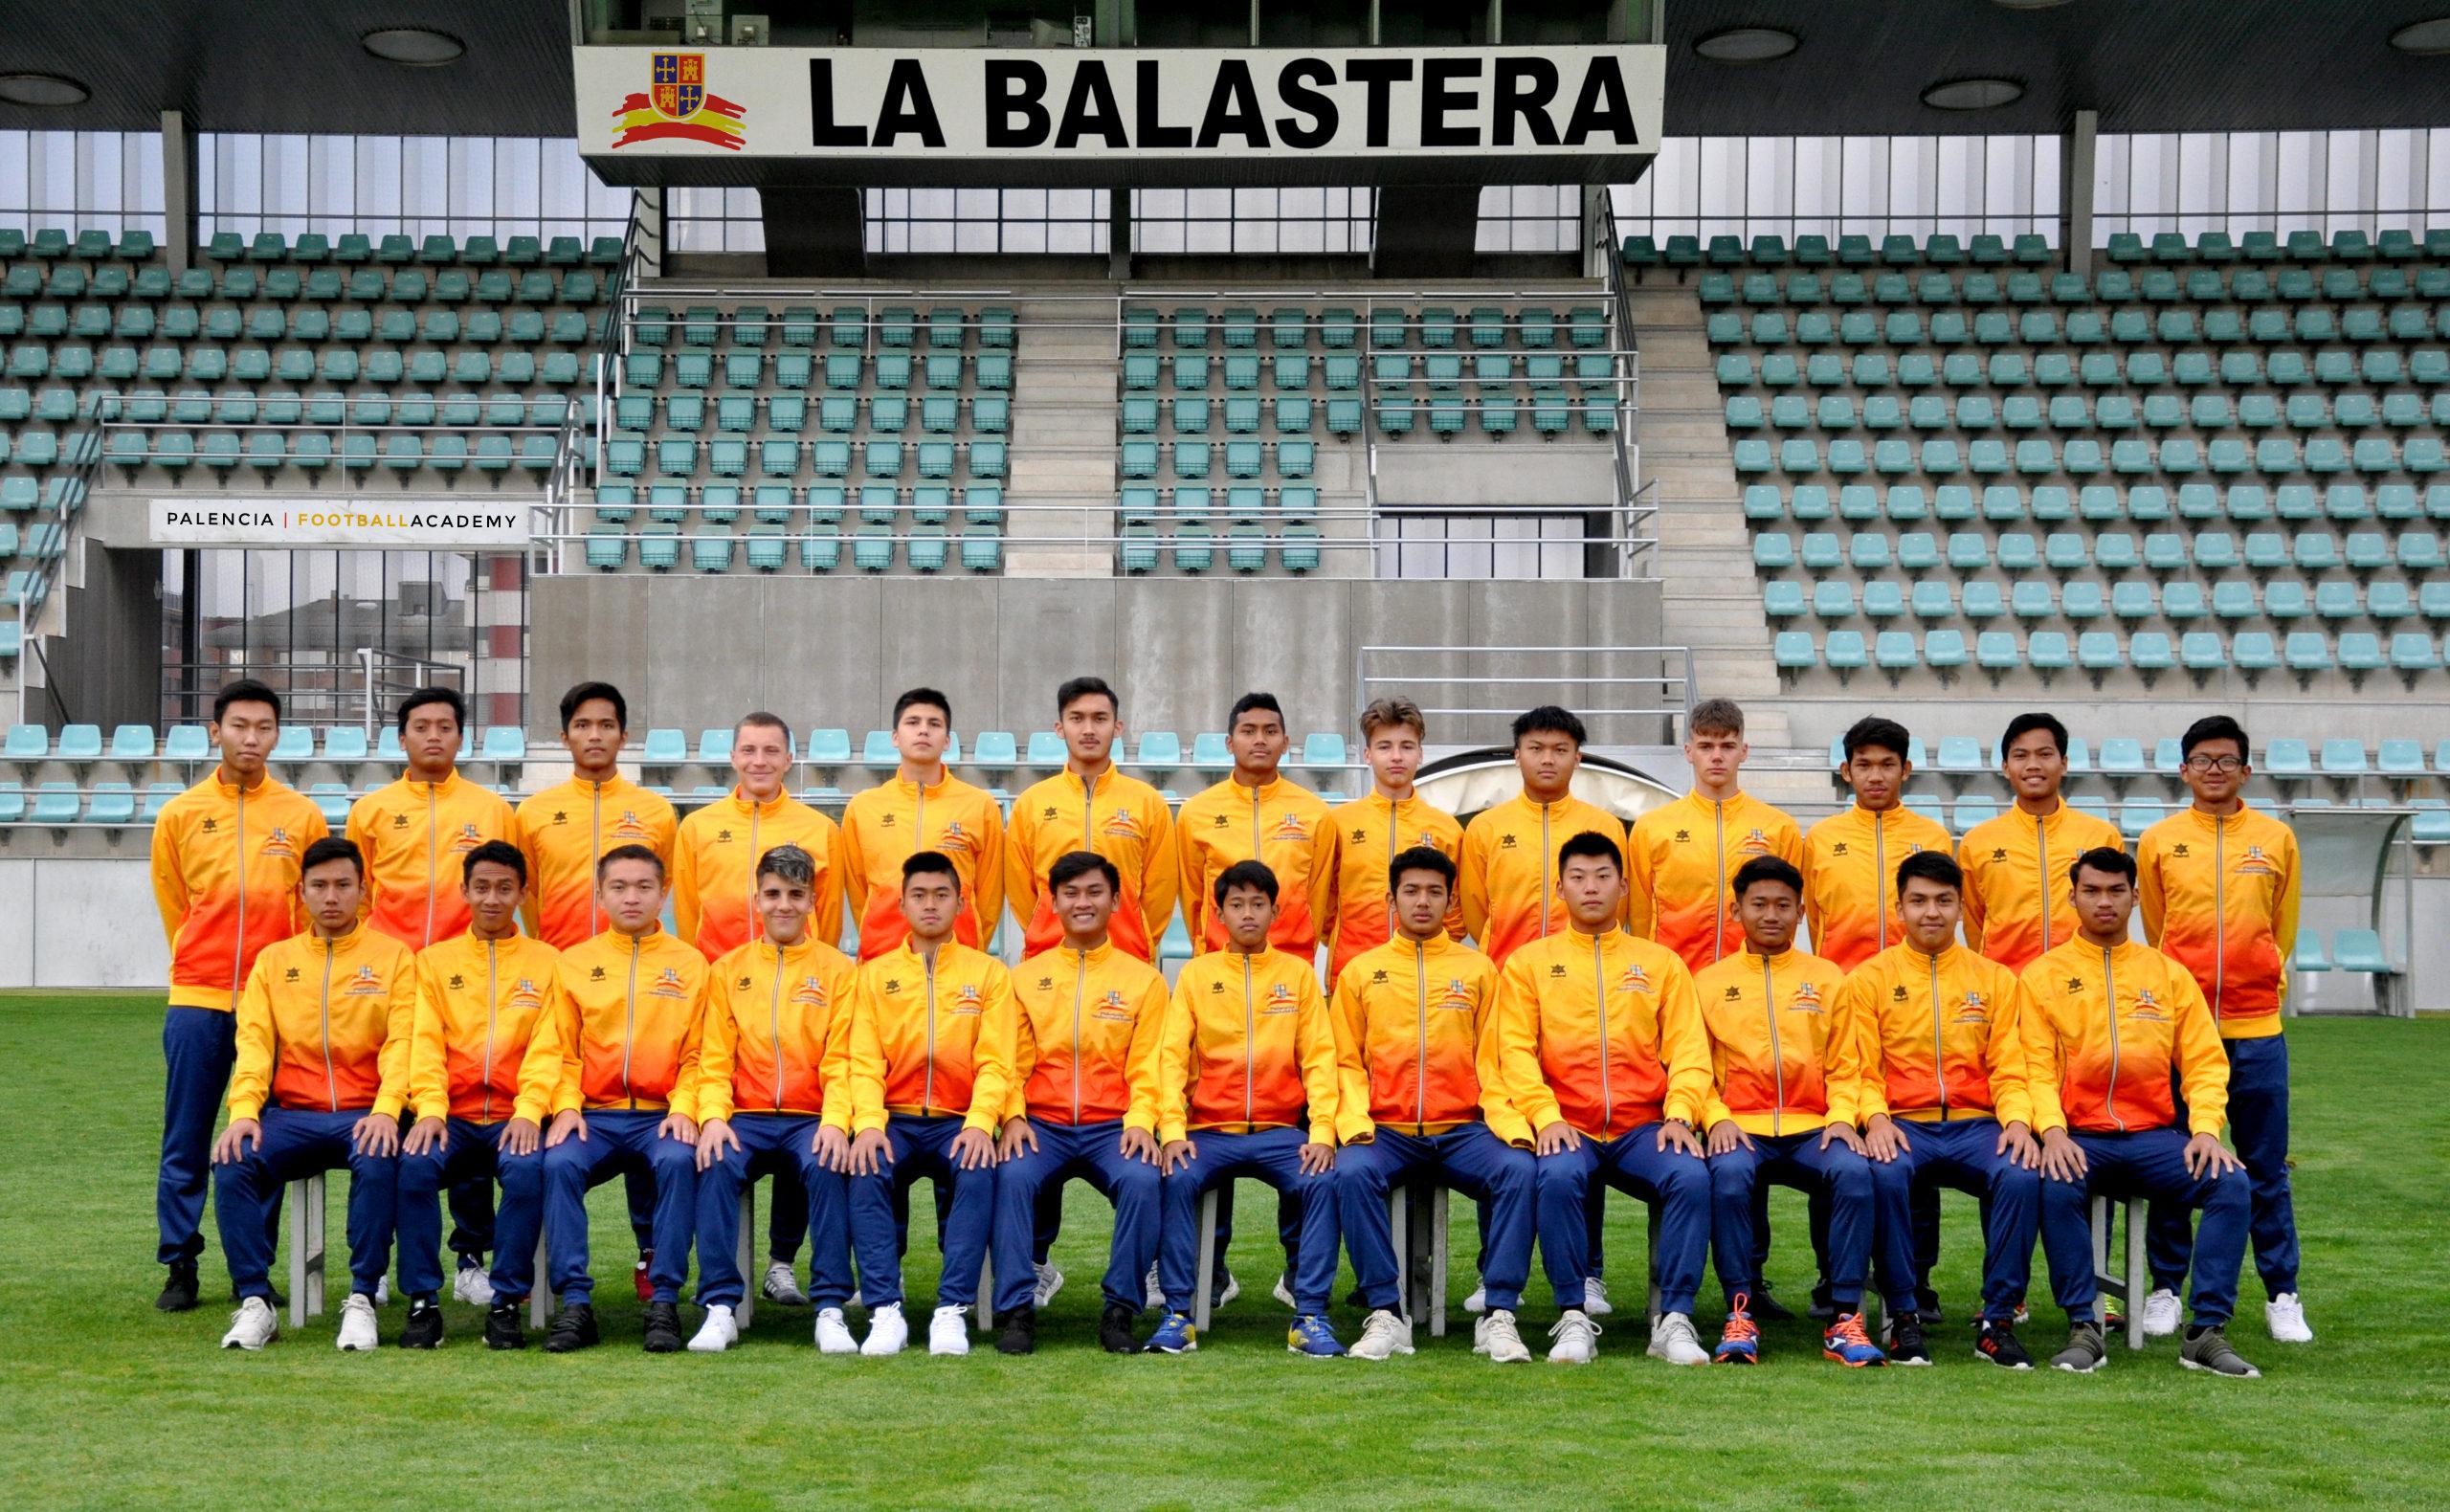 https://palenciafootballacademy.com/wp-content/uploads/2020/02/fot-web-equipo-e1581777930913.jpg